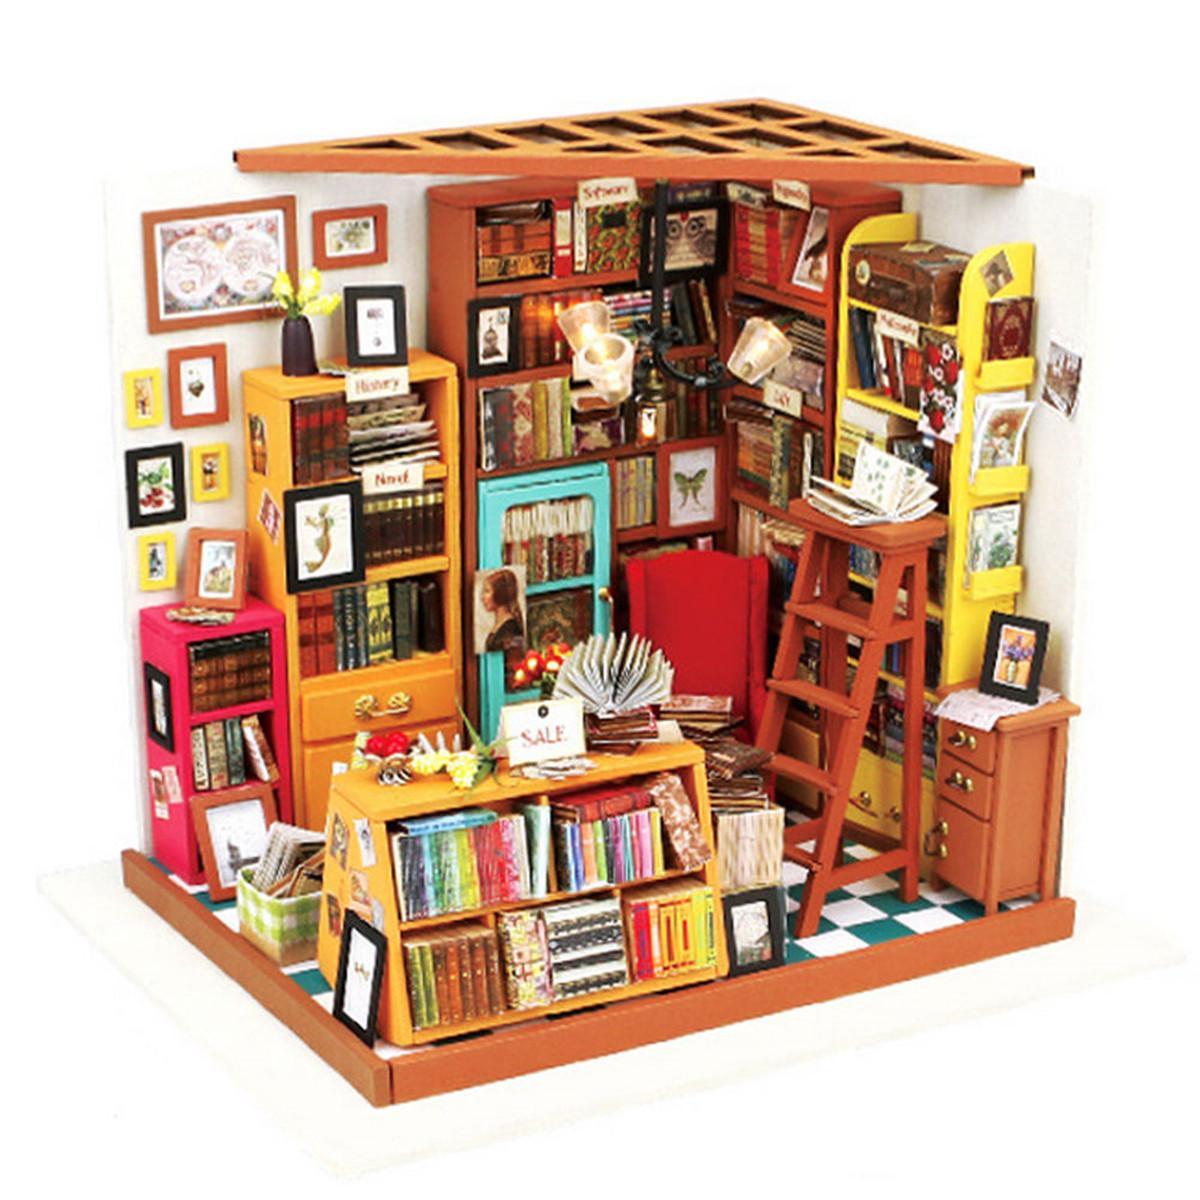 BRICOLAGE Maison de Poupée Jouet Simulation Kit Librairie Dollhouse 3D Meubles Livre Bibliothèque LED Boîte à Lumière Modèle Enfants Assembler Jouet Cadeau